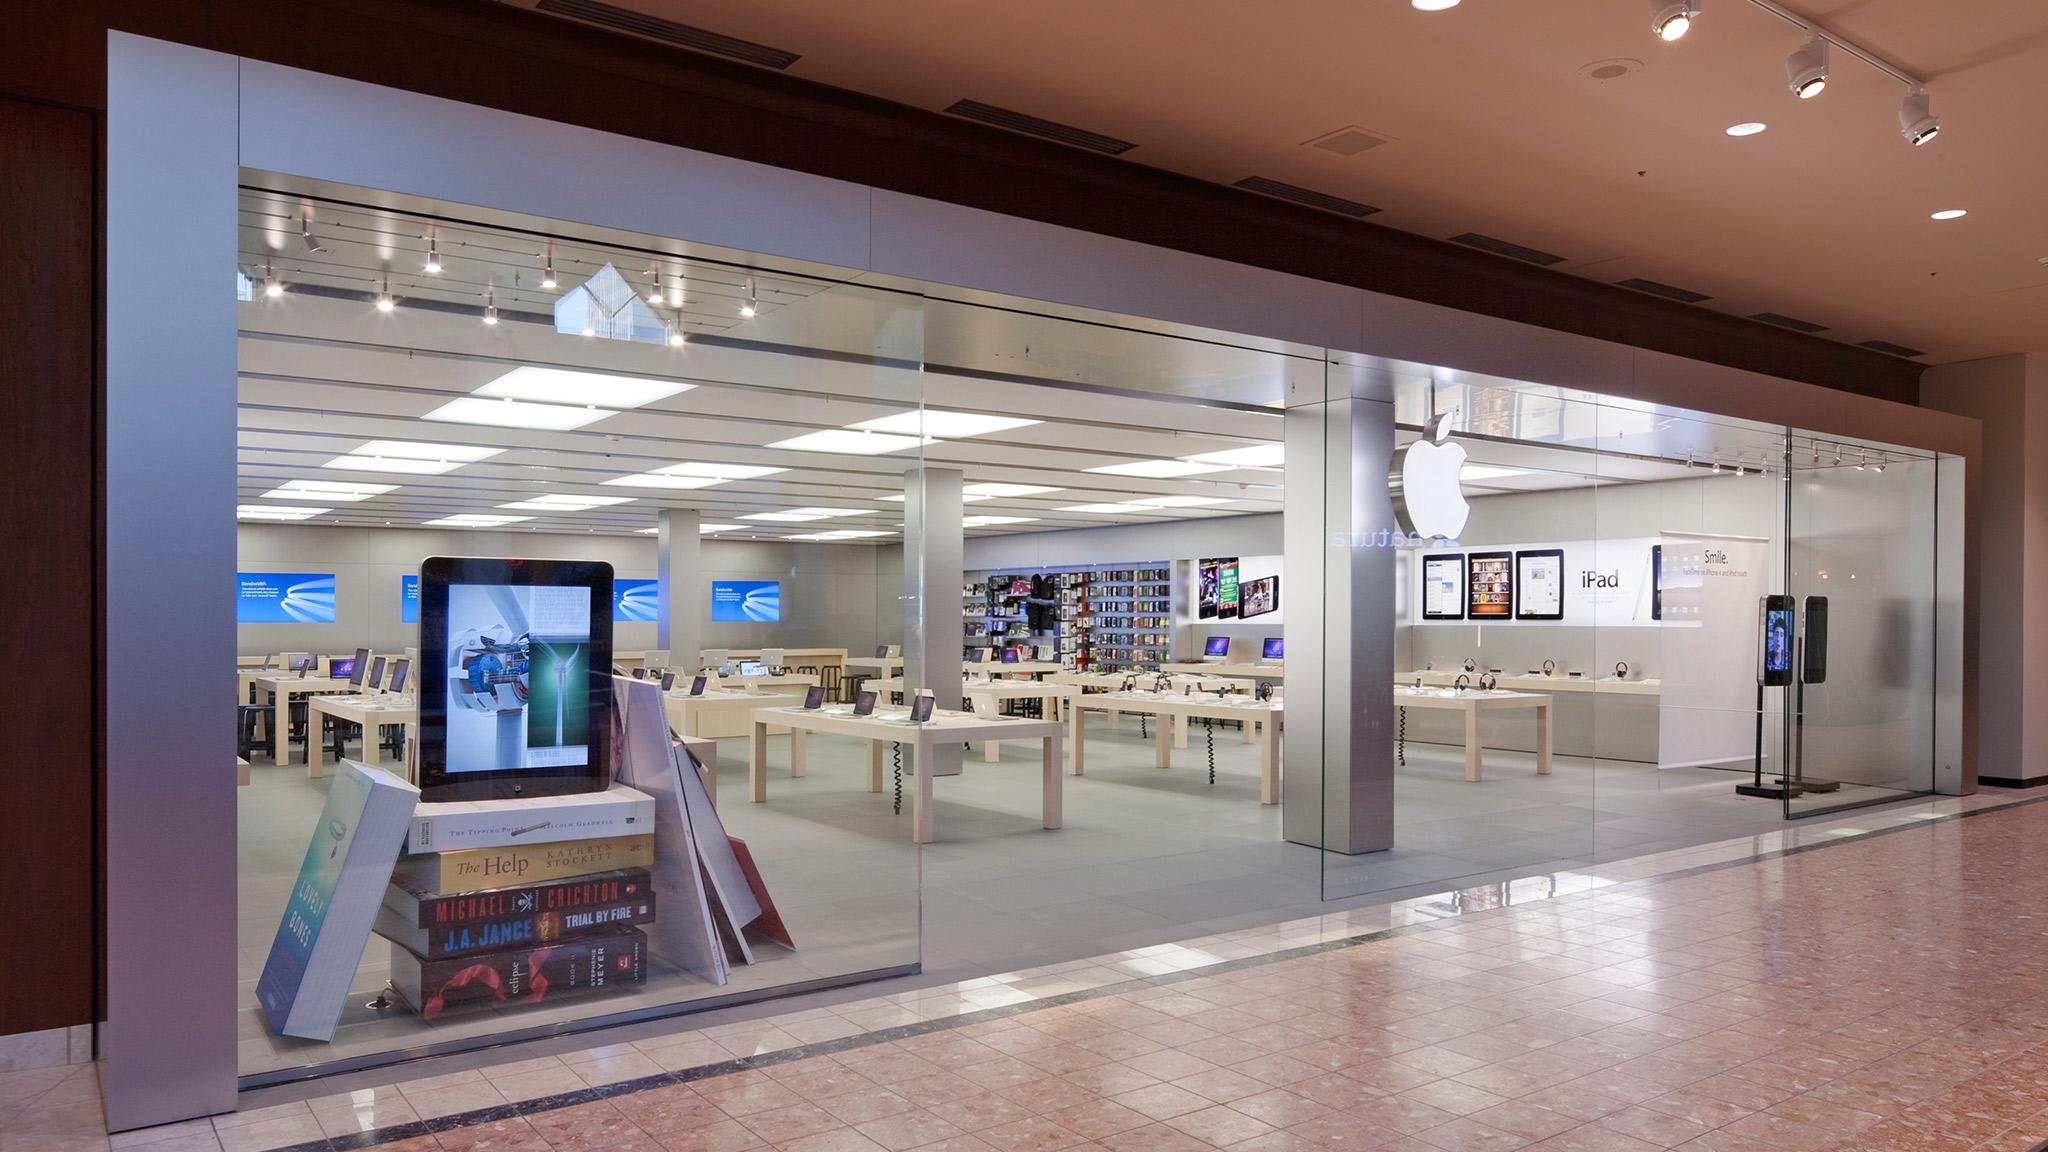 Apple Saint Louis Galleria image 0